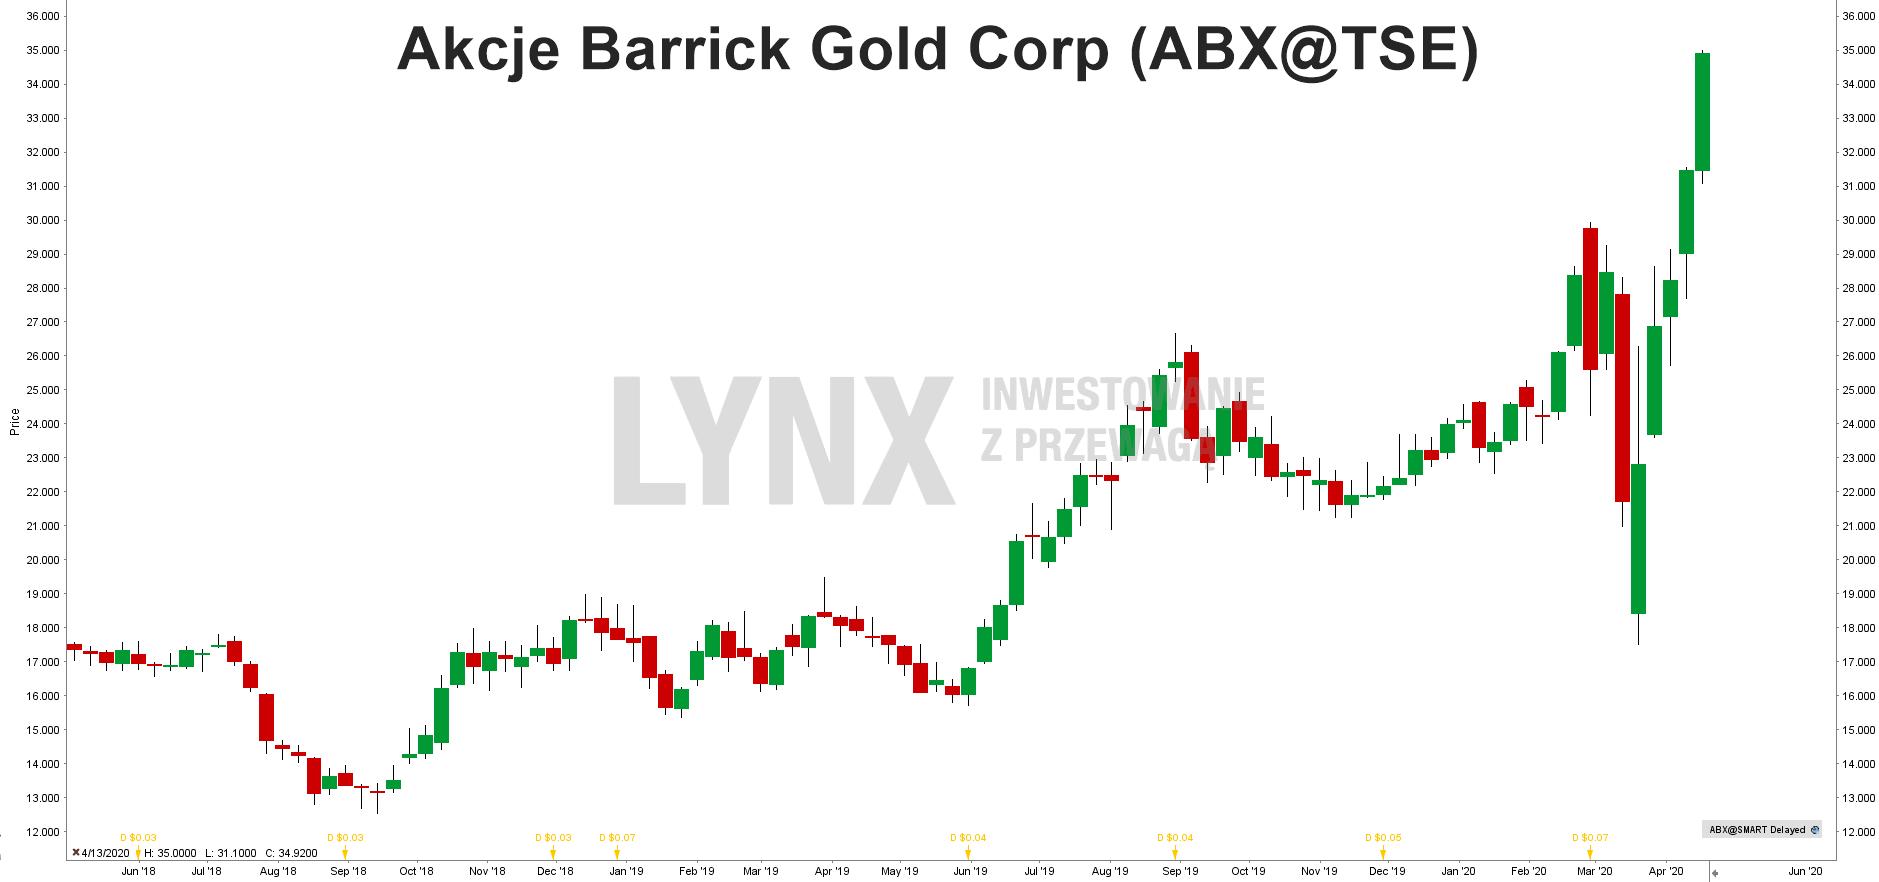 Akcje Barrick Gold